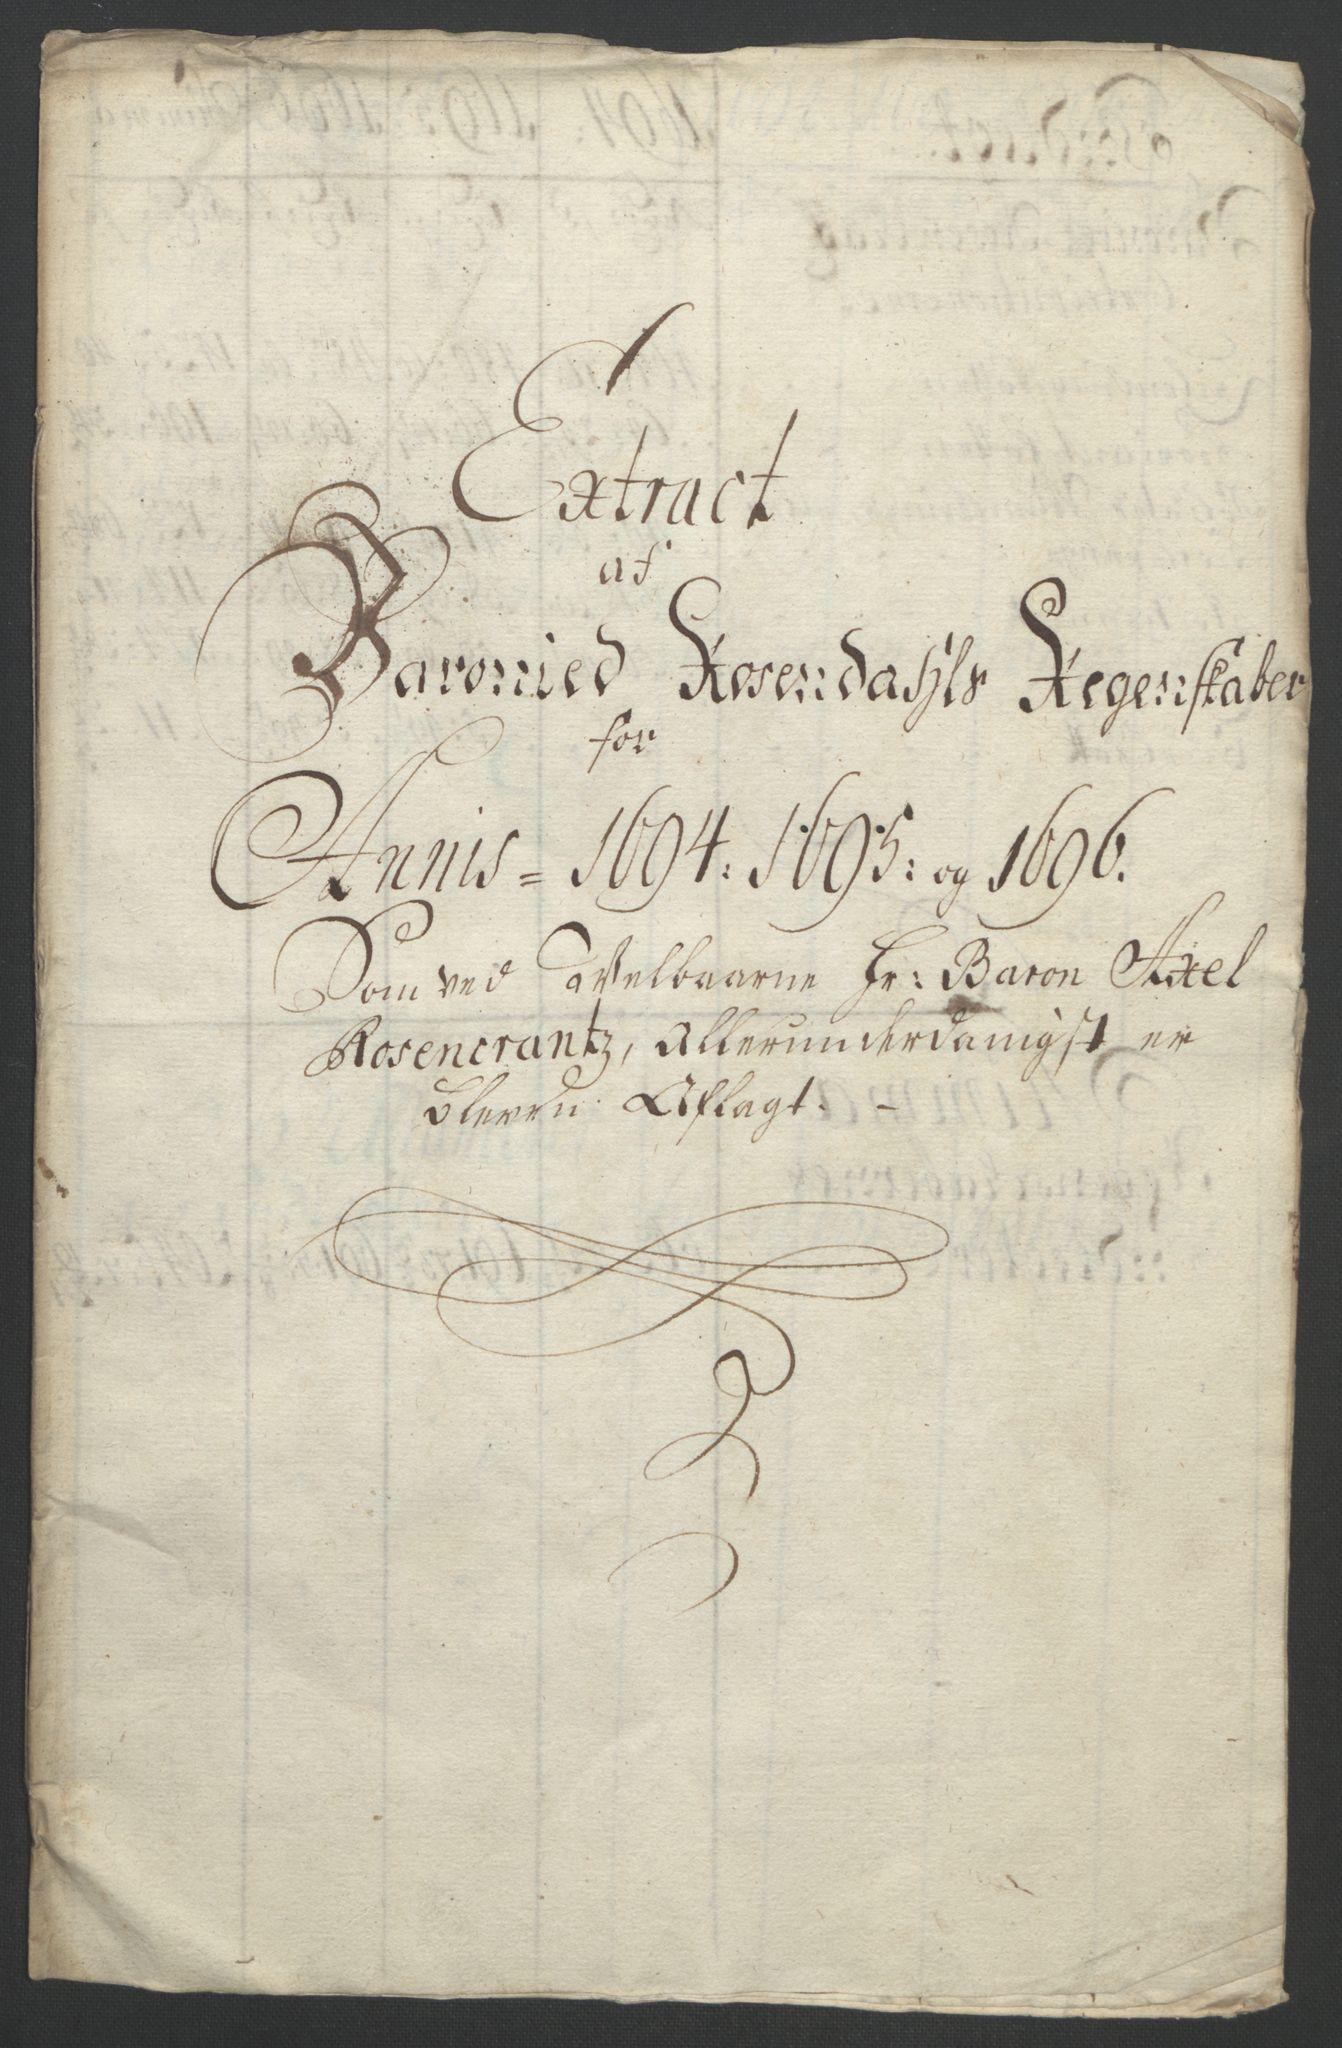 RA, Rentekammeret inntil 1814, Reviderte regnskaper, Fogderegnskap, R49/L3138: Fogderegnskap Rosendal Baroni, 1691-1714, s. 51